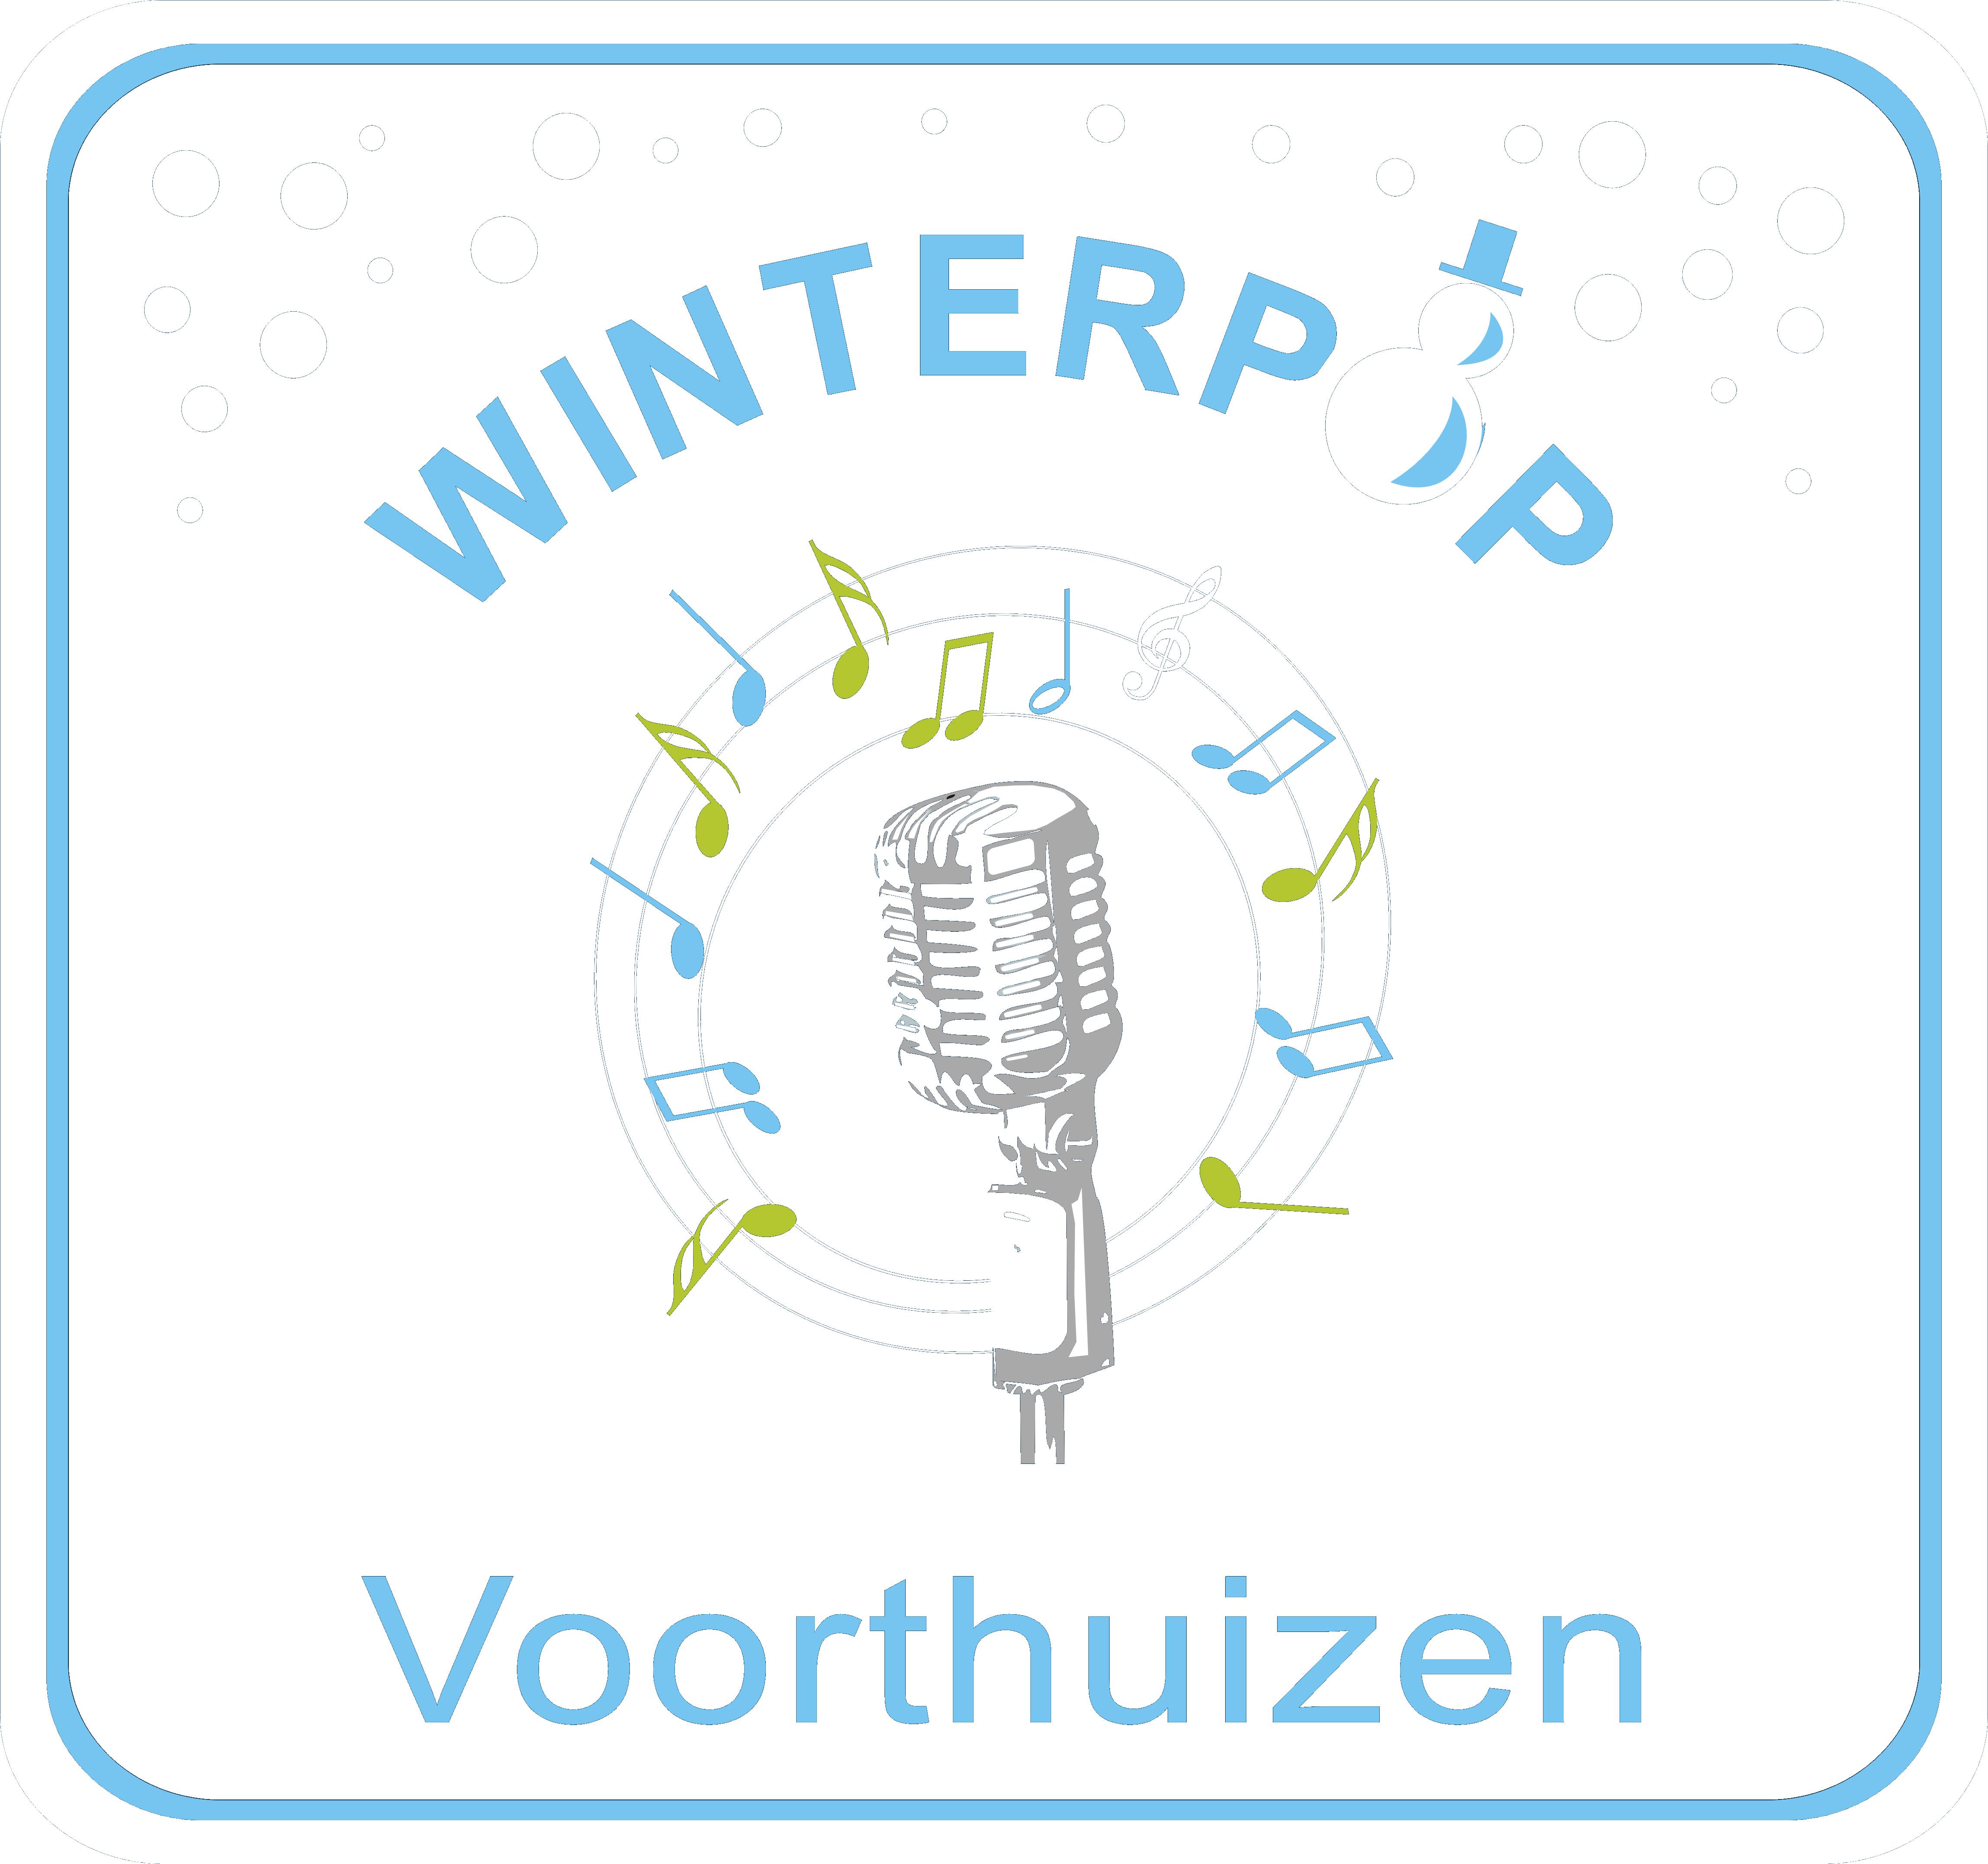 WinterPop Voorthuizen